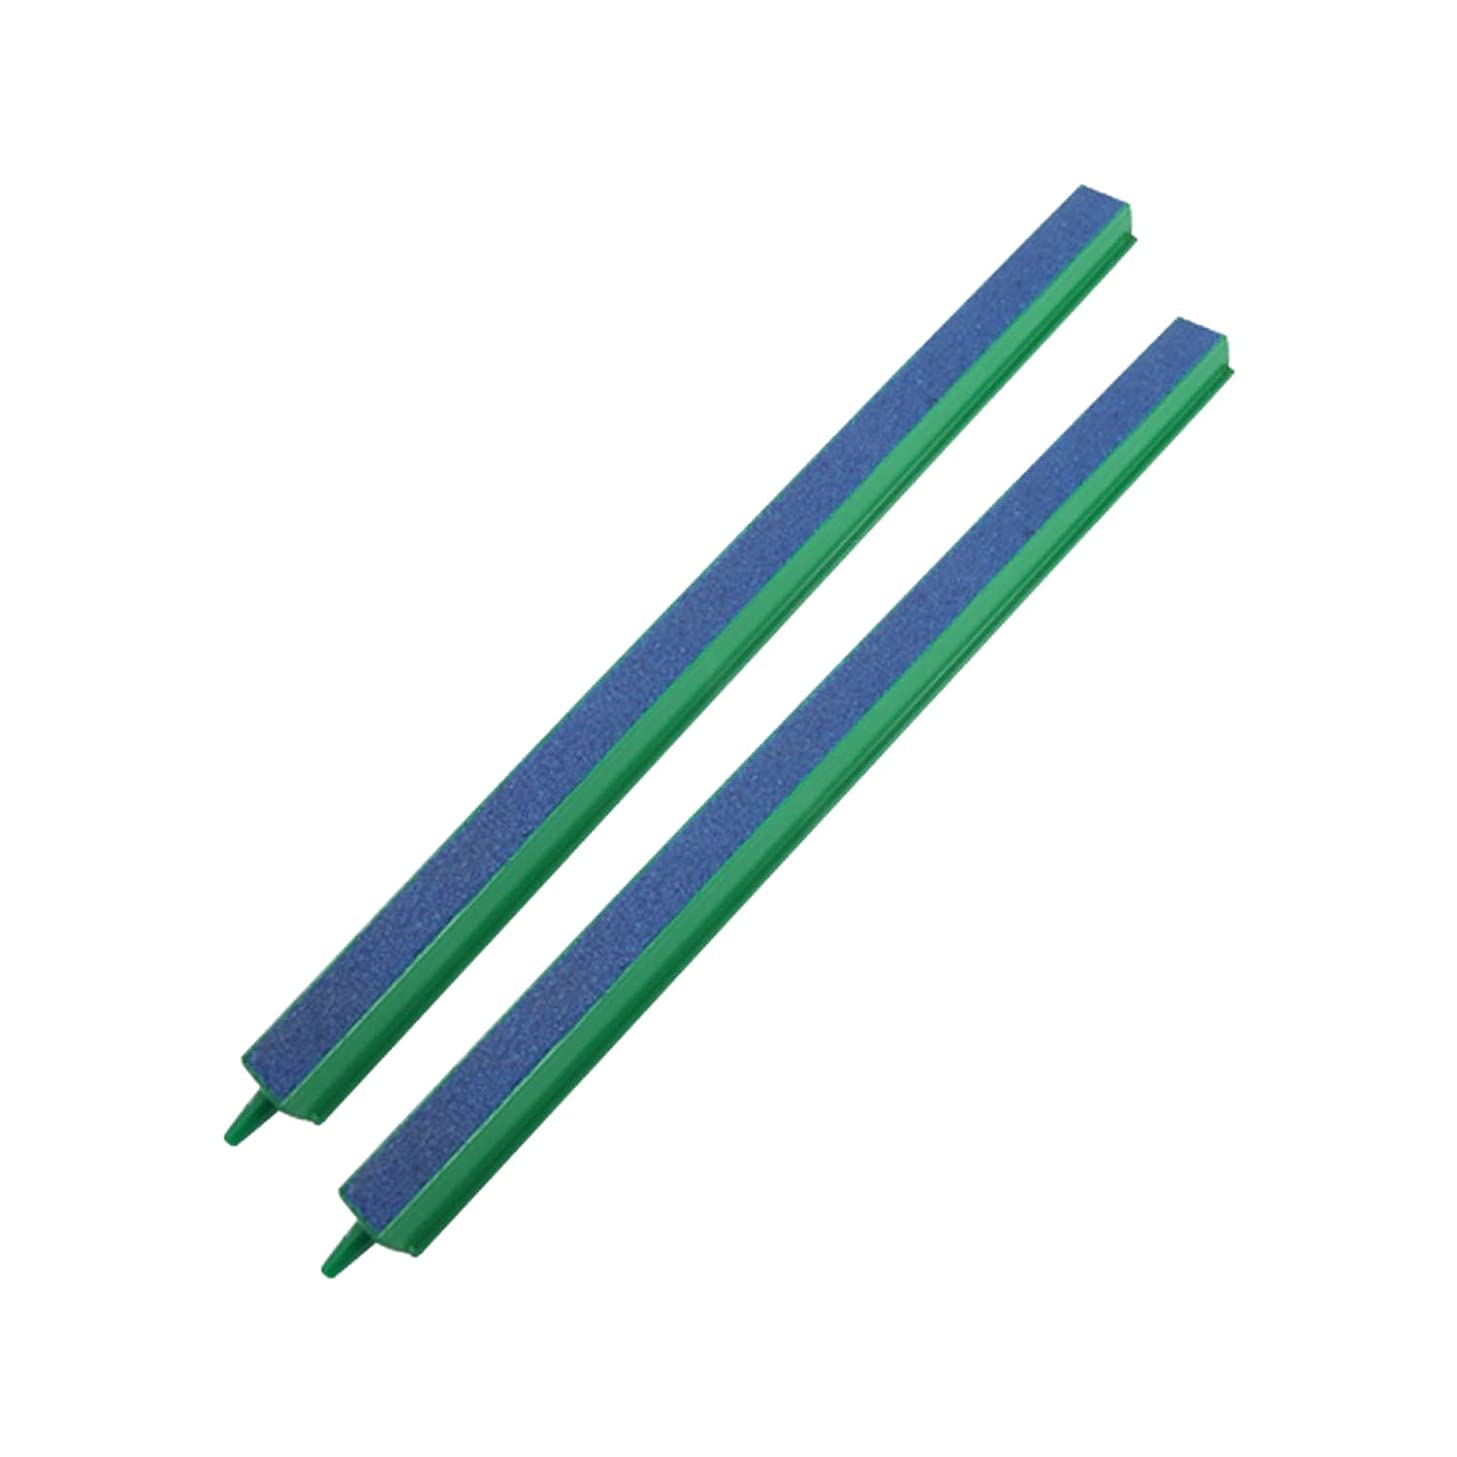 CNZ Fish Tank Air Bubble 2-Piece Air Stone Bars Green/Blue